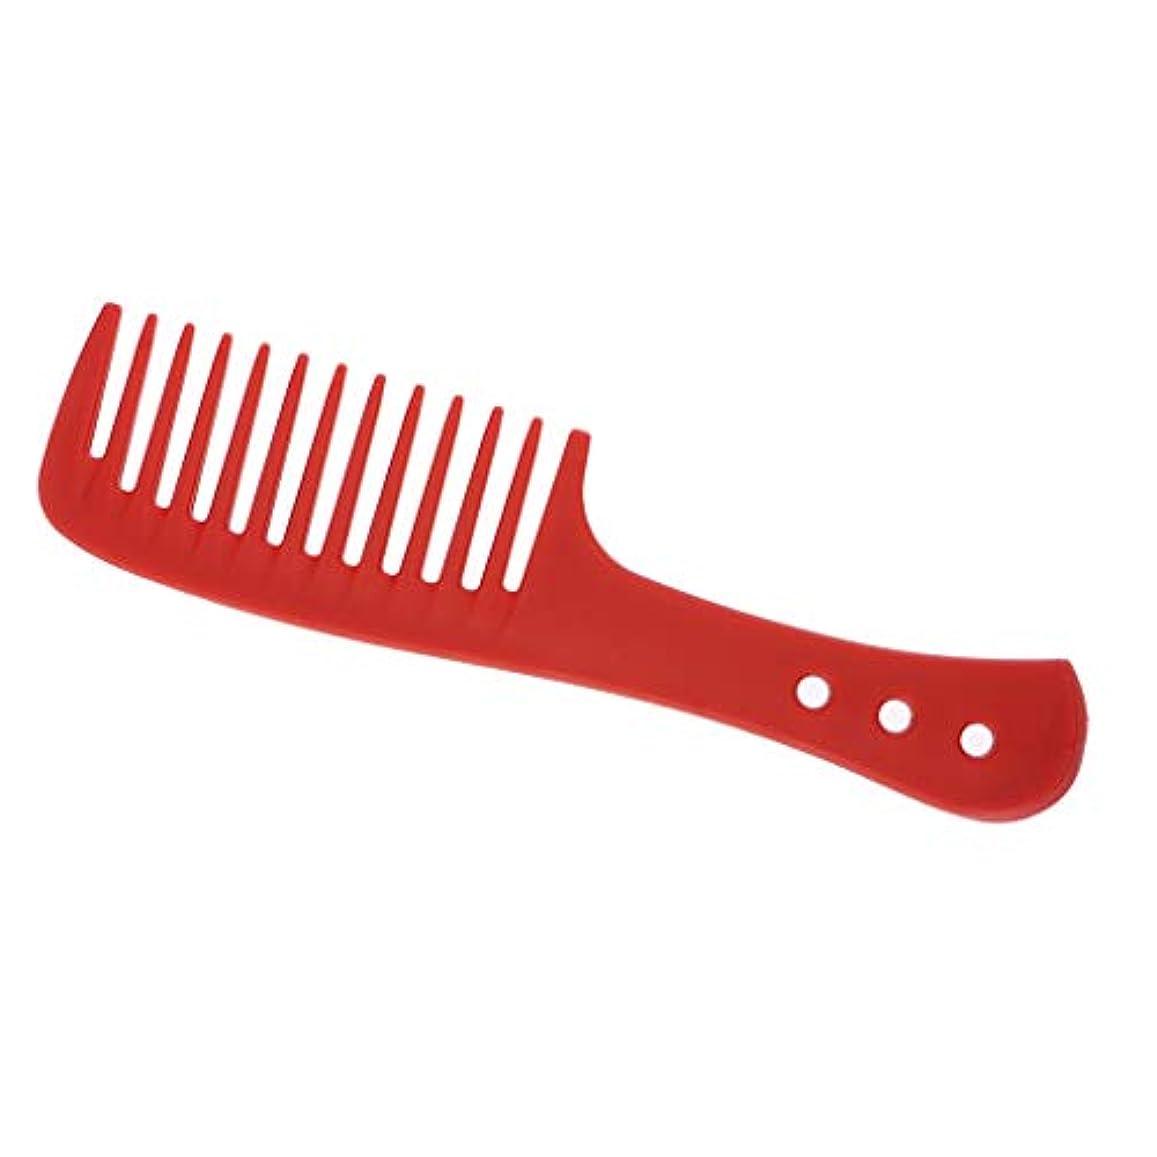 懇願する取る写真撮影Perfeclan 櫛 ヘアブラシ ヘアコーム 広い歯 耐久性 耐熱性 帯電防止 4色選べ - 赤